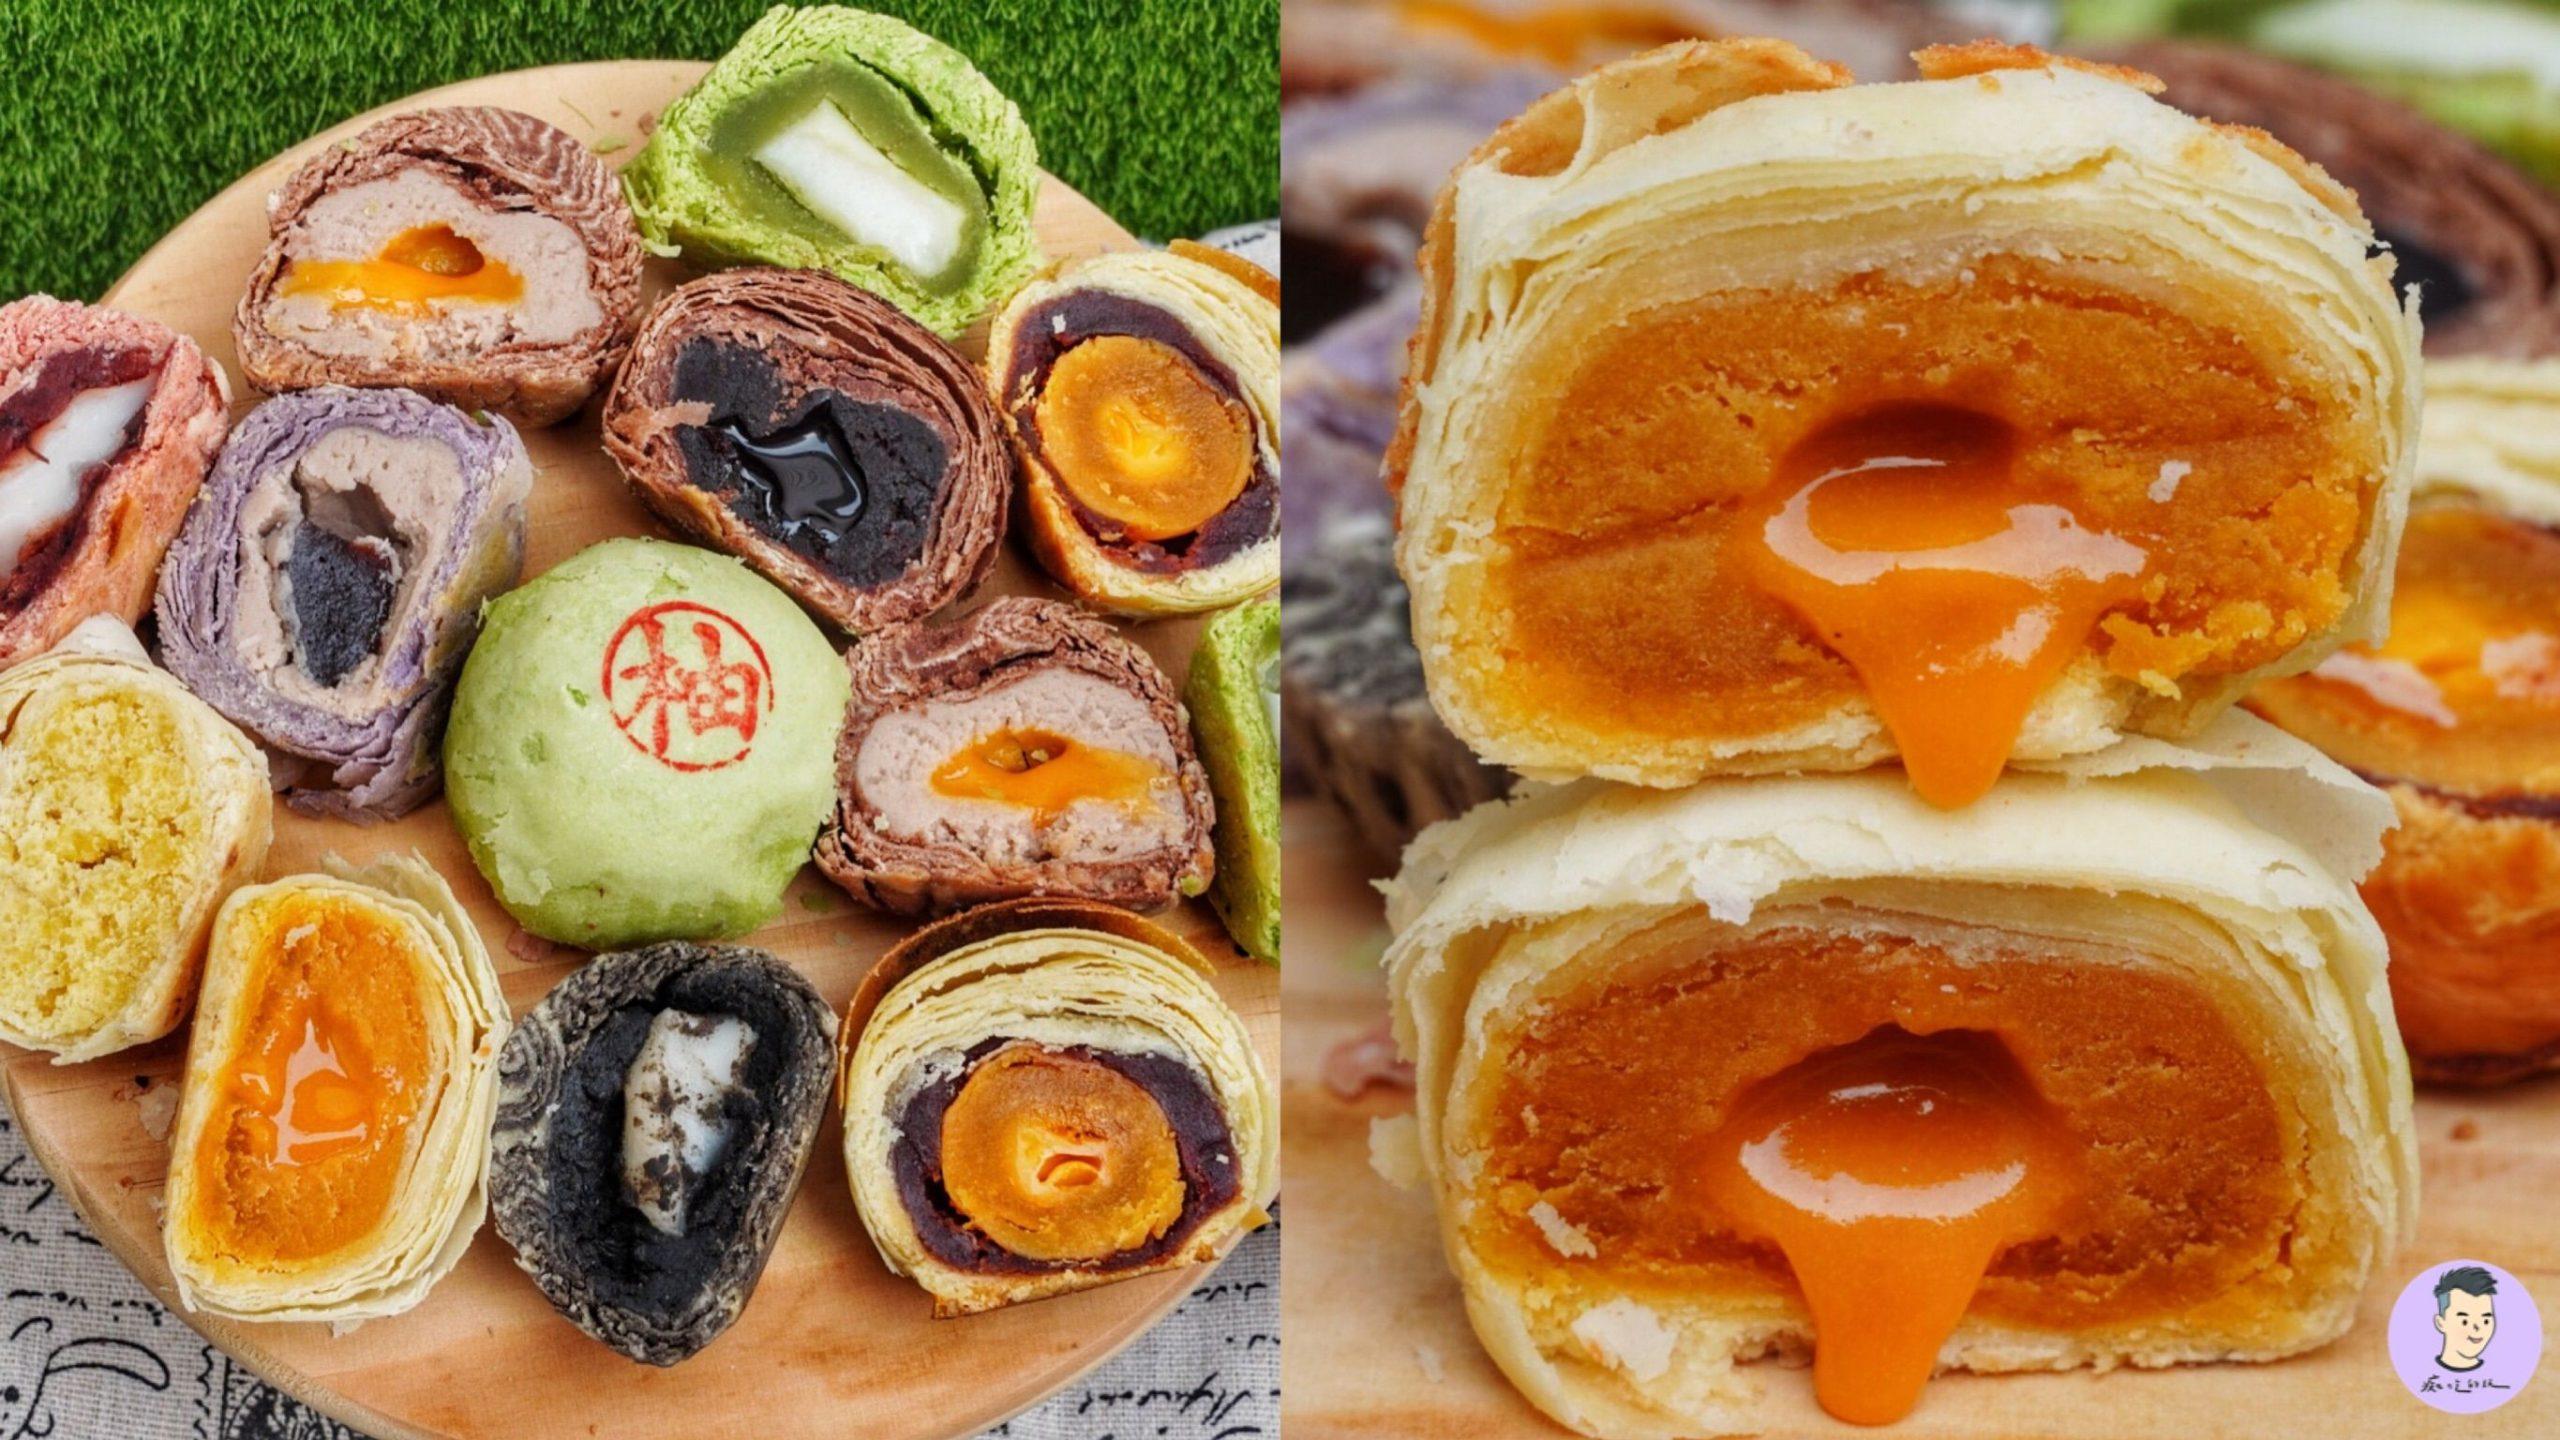 【台南美食】咿吉麵包坊 平日才開的麵包店 爆漿流沙月餅!!  超酷口味就在這|台南北區美食